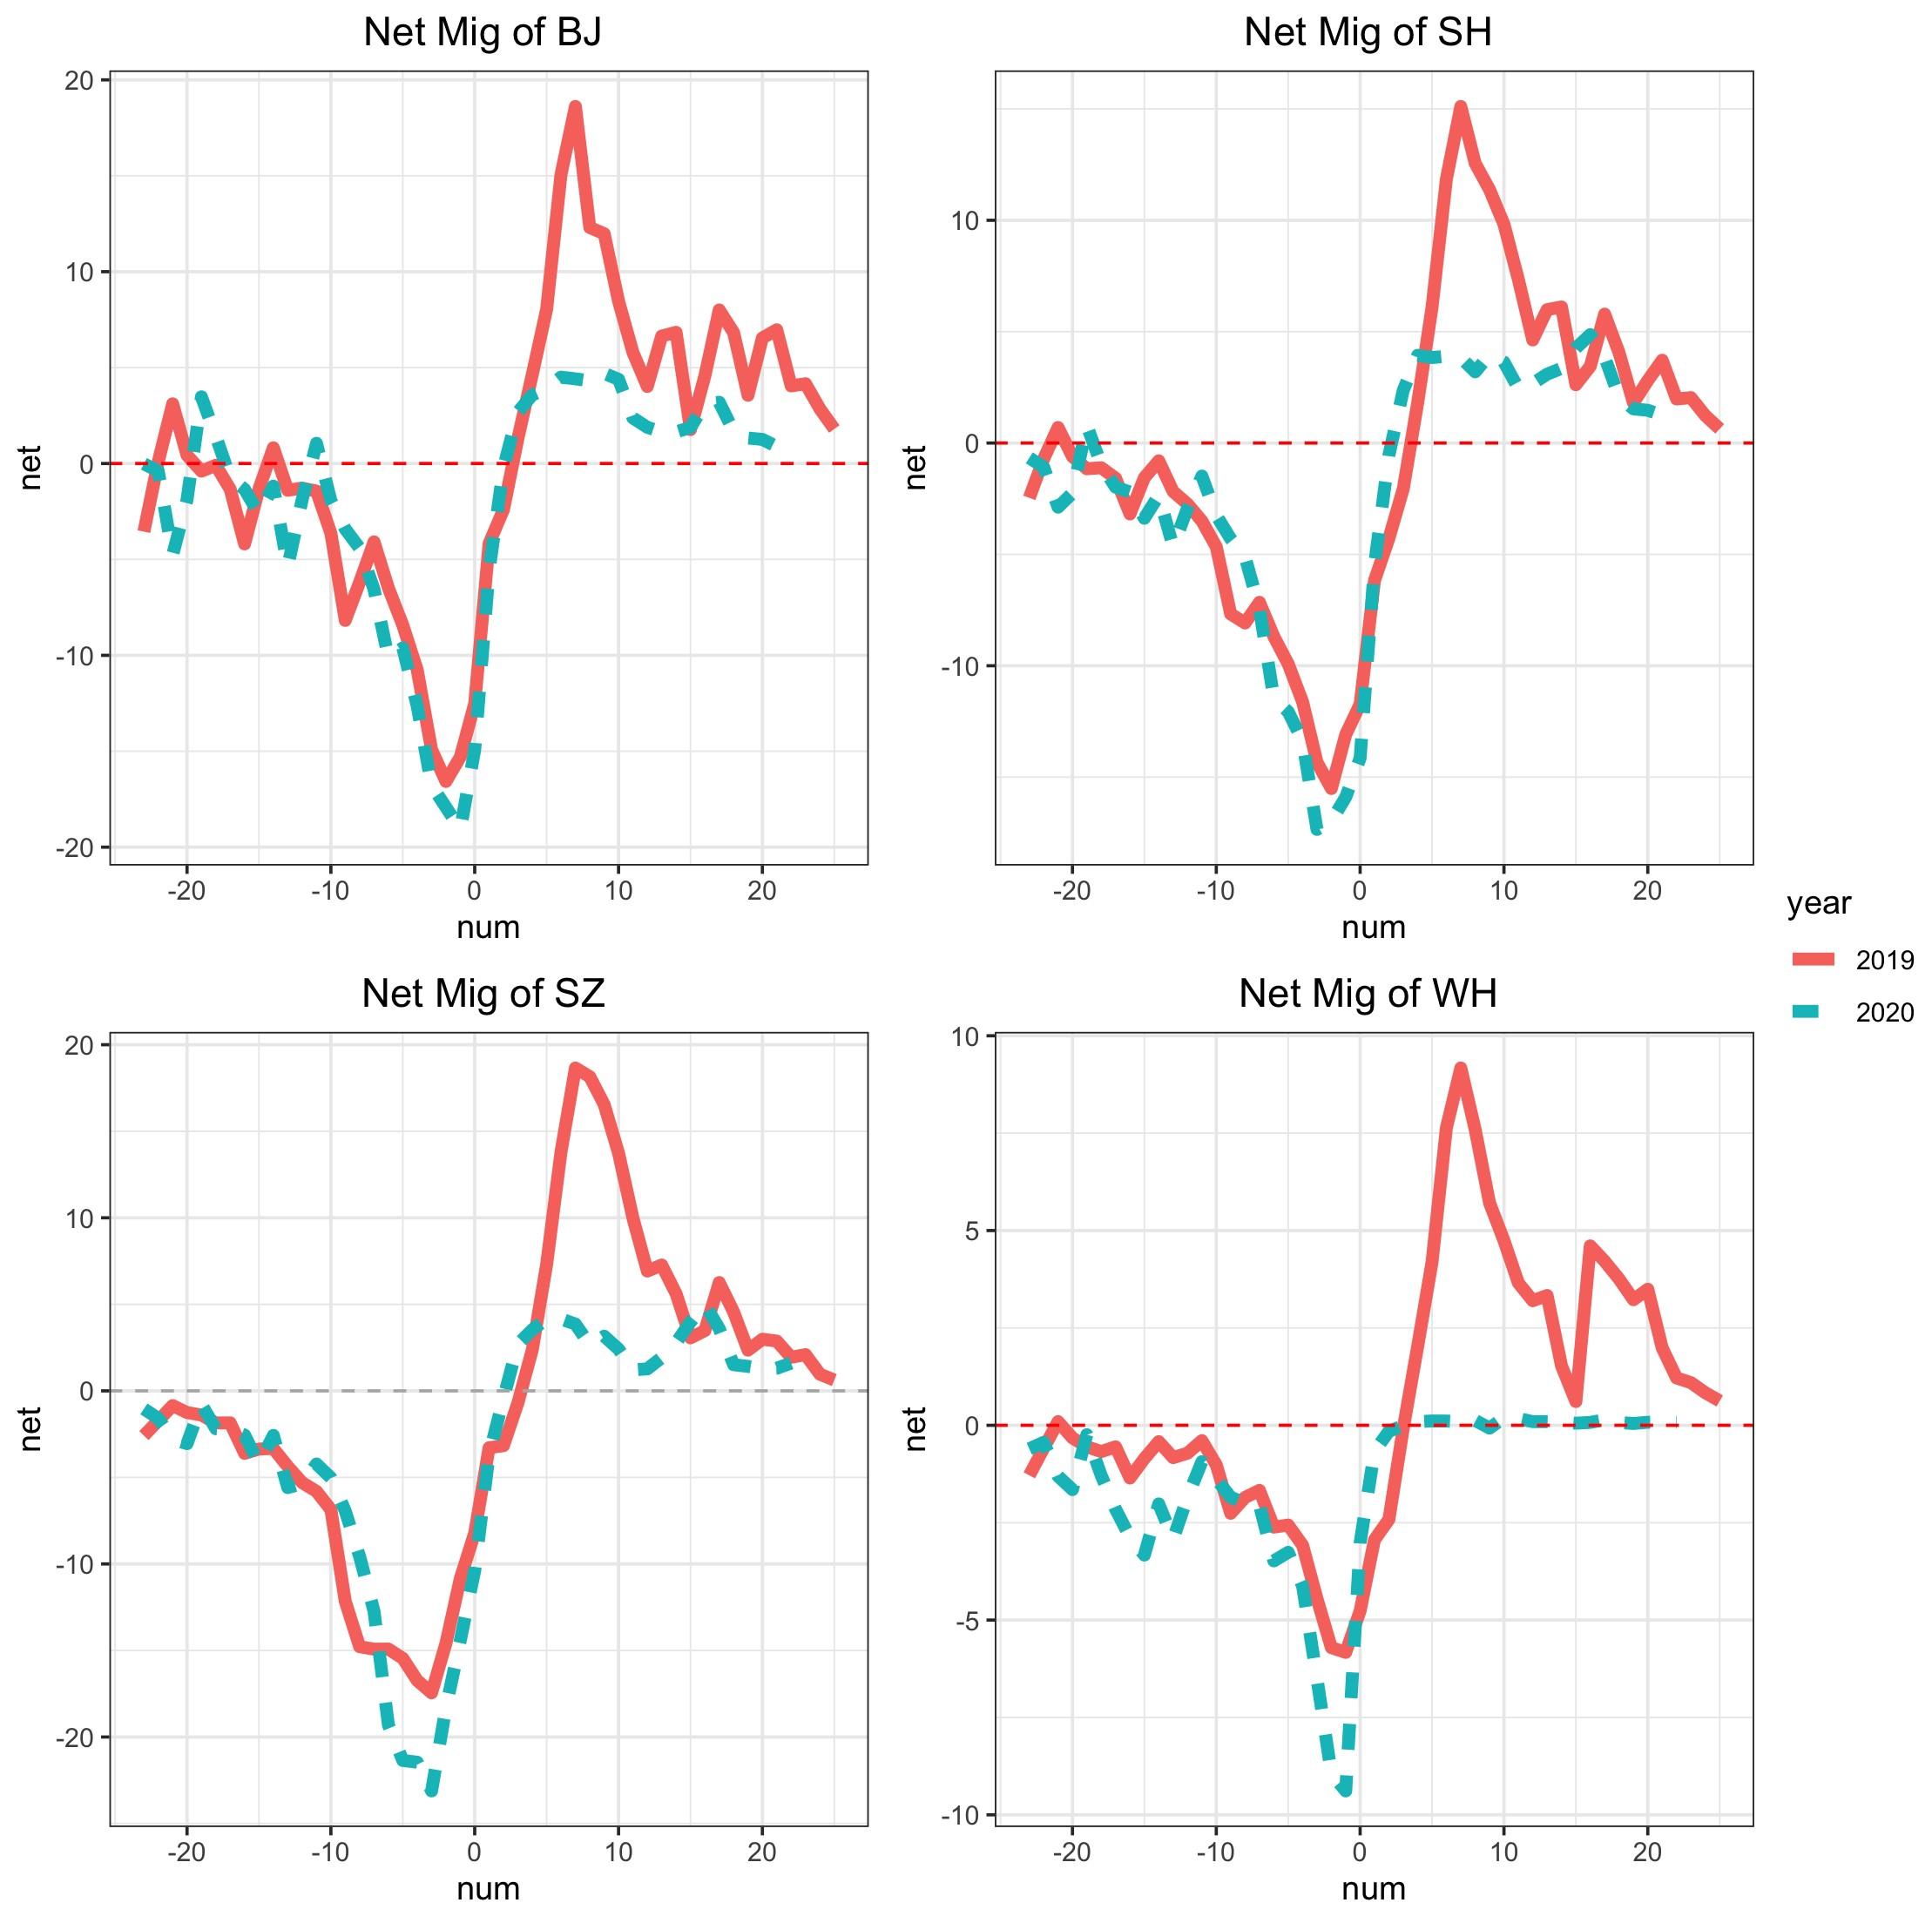 图4:北京、上海、深圳及武汉春节期间人口净迁入模式